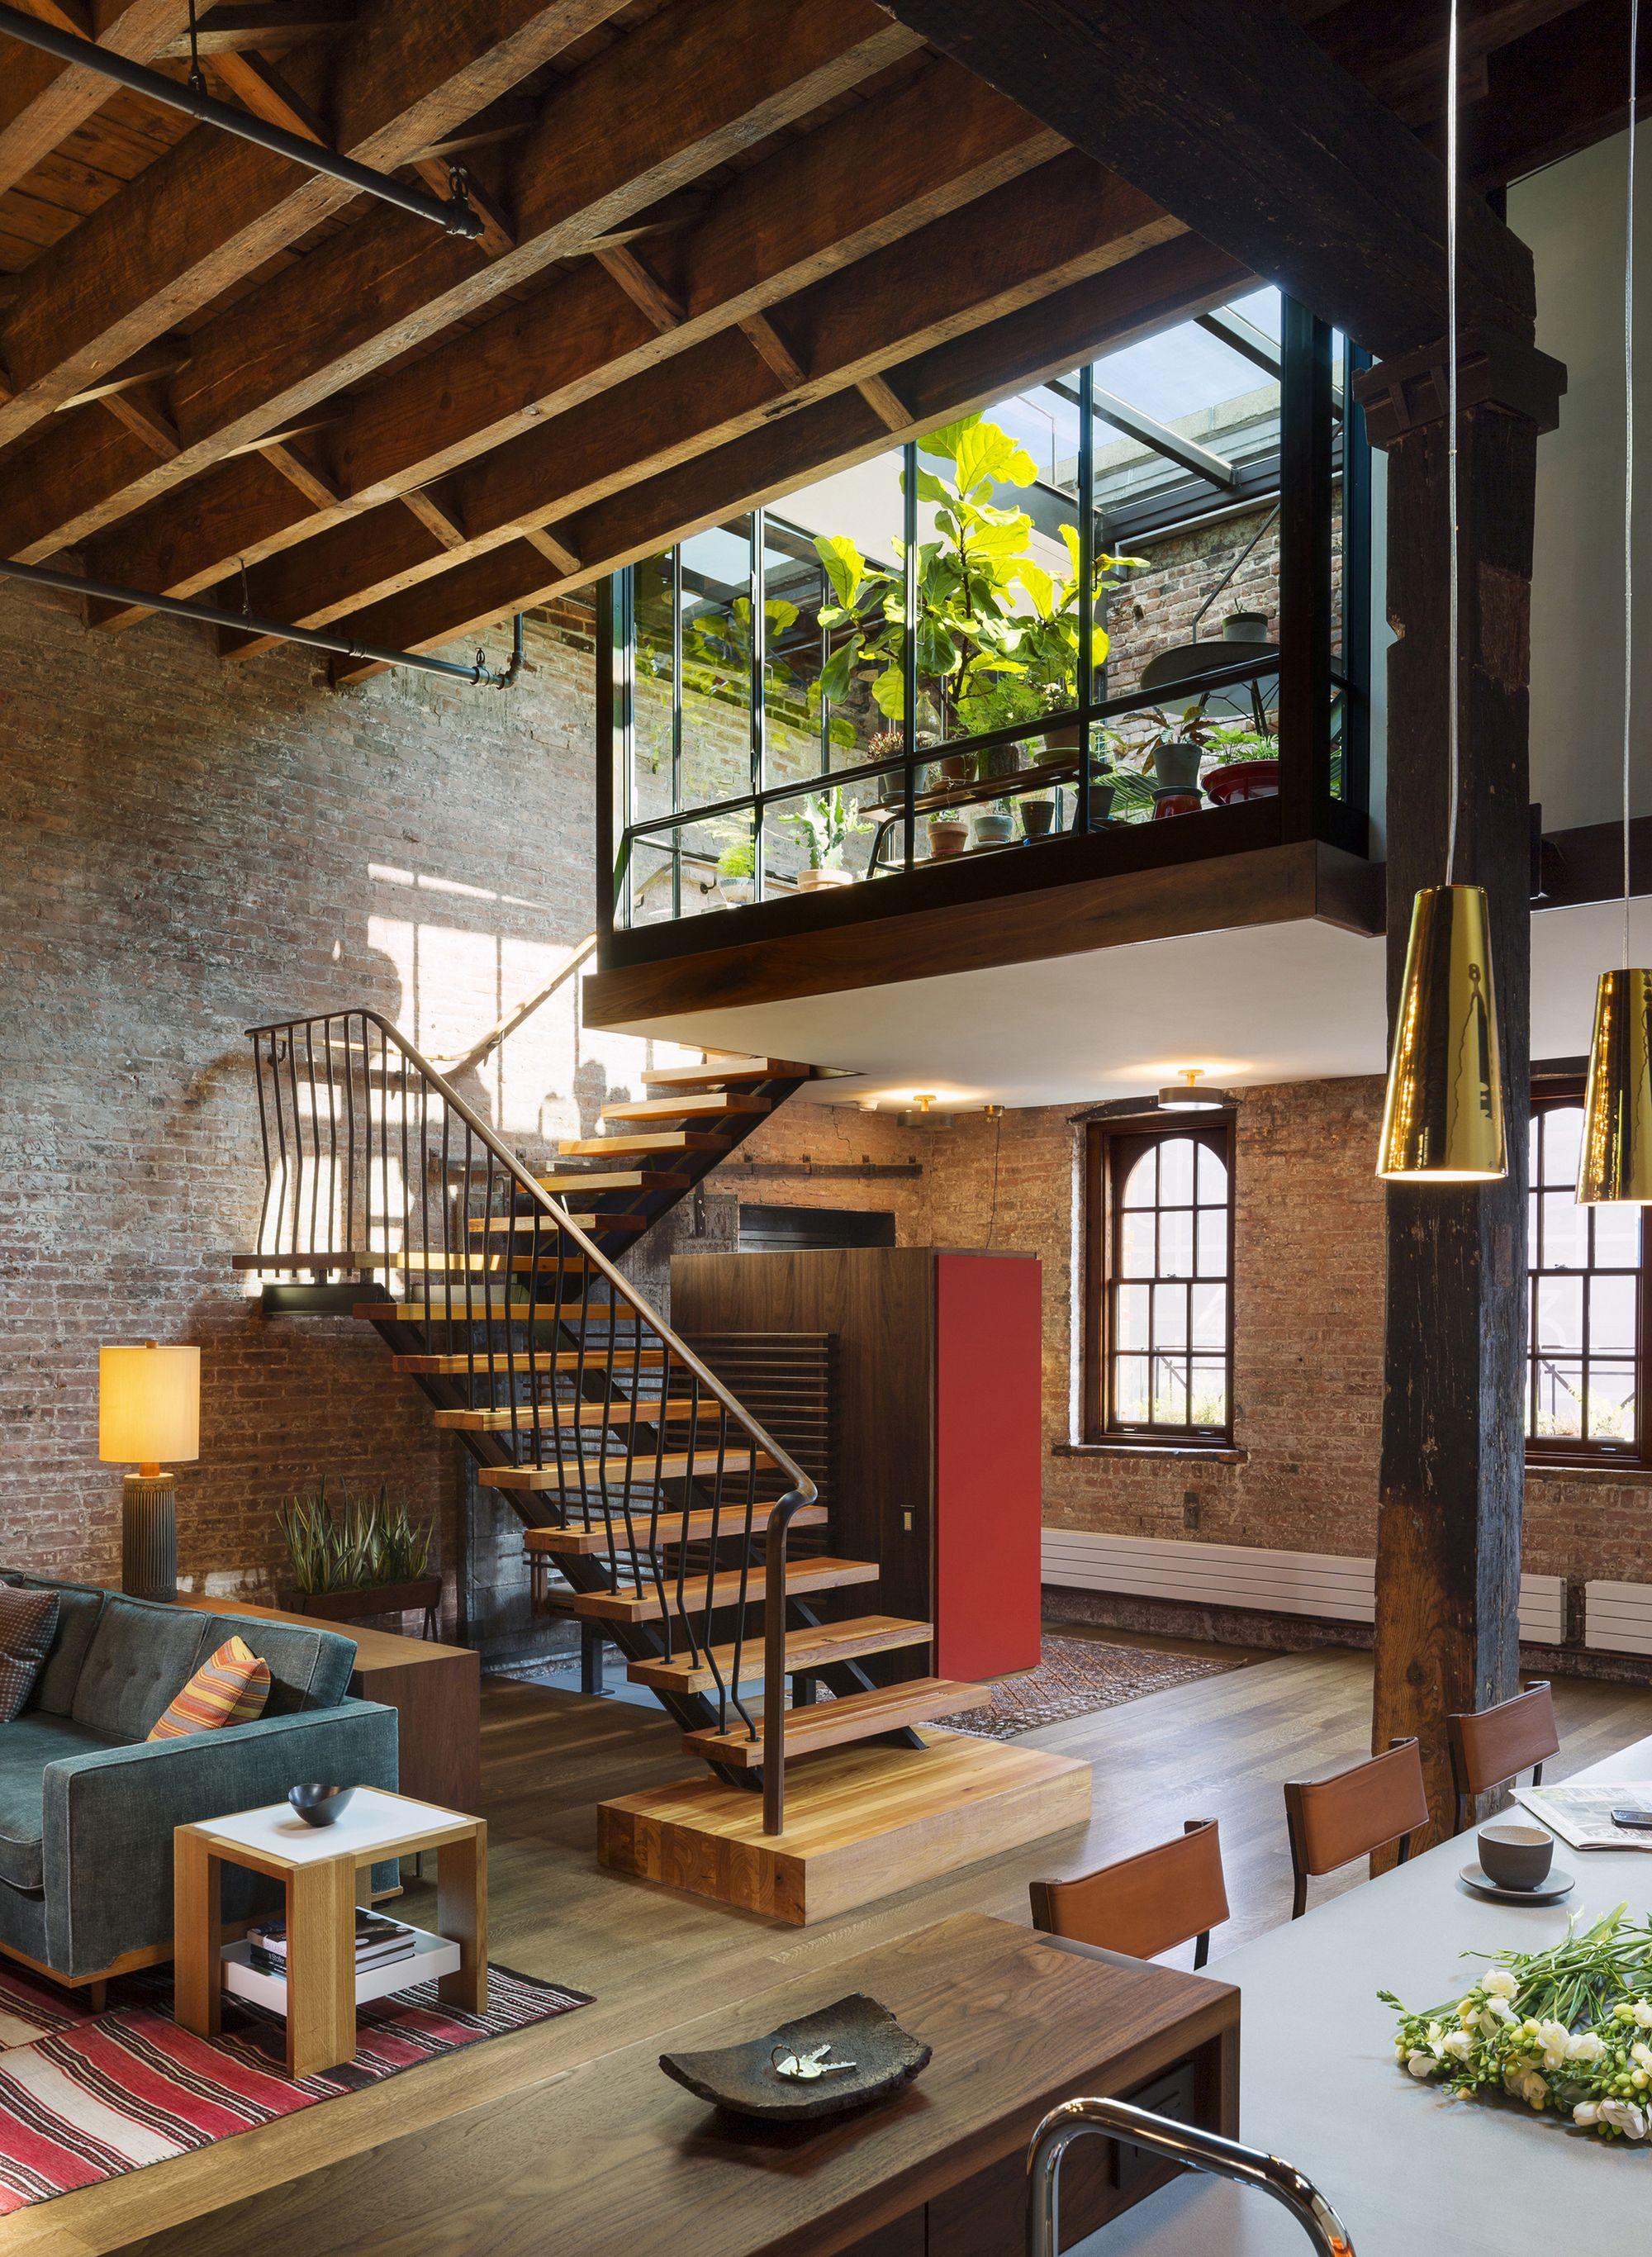 29 ultra cozy loft bedroom design ideas loft bedrooms lofts and galeria de loft tribeca andrew franz architect 8